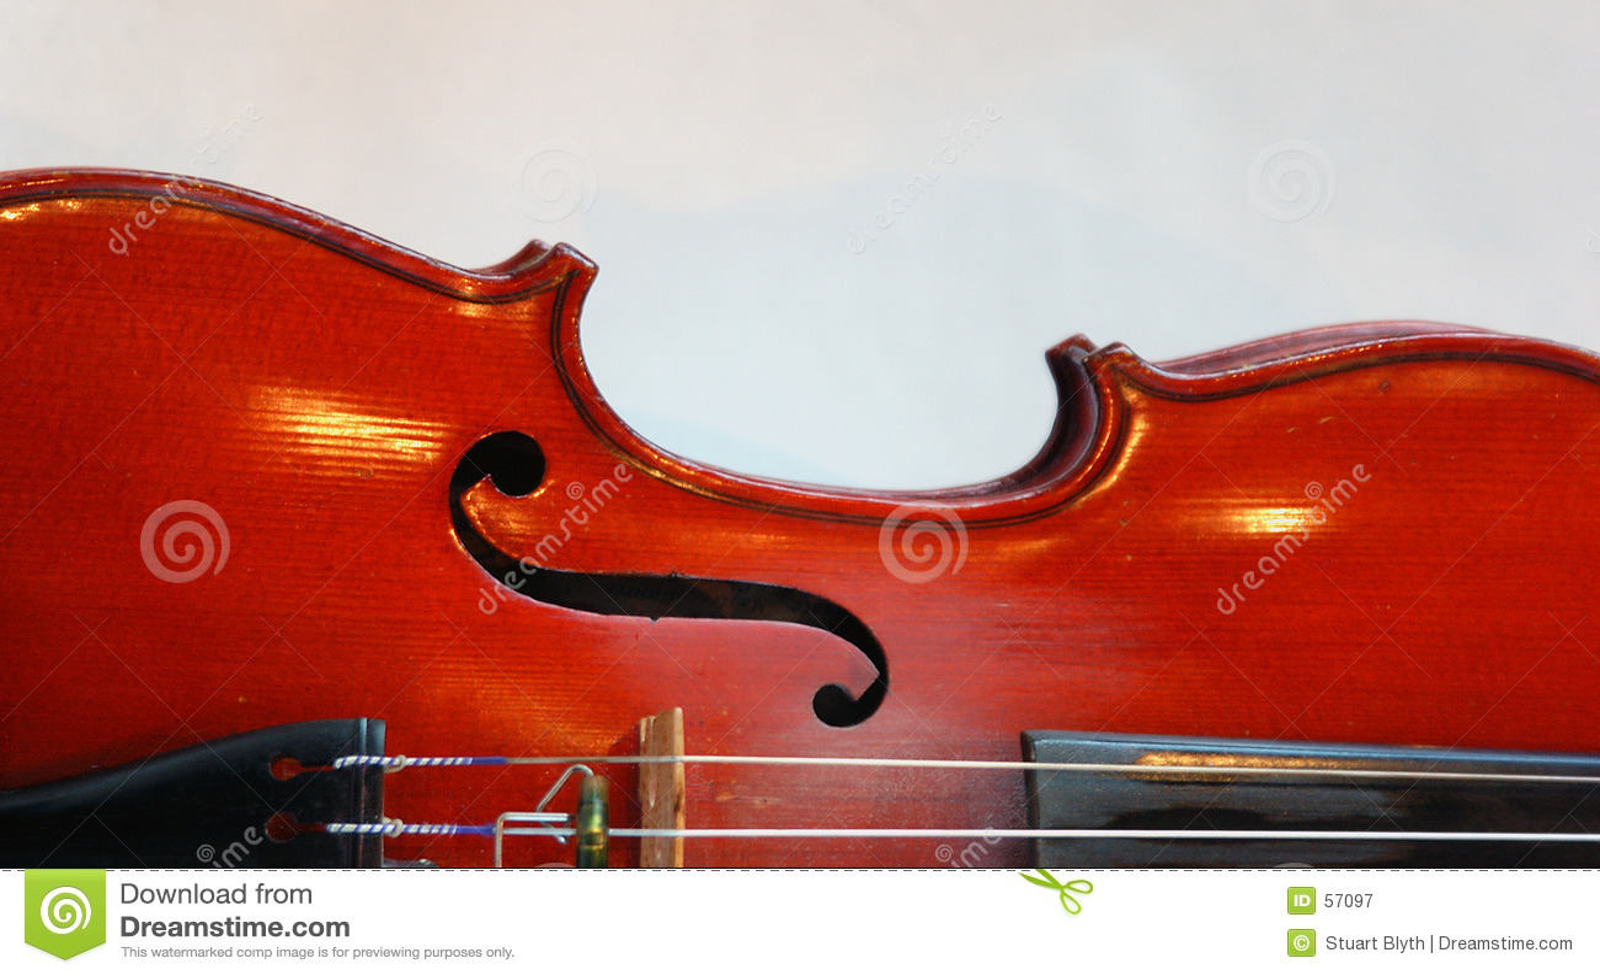 Carrocería del violín